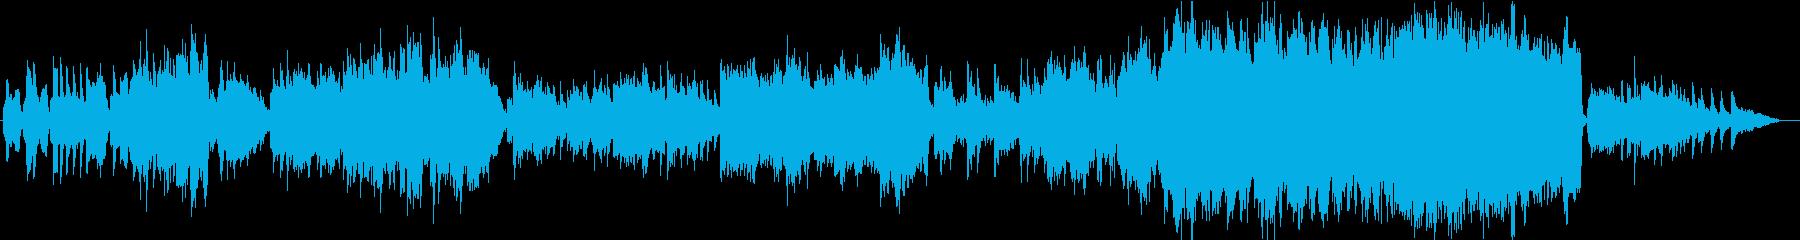 あたたかく感動的なフルートのバラードの再生済みの波形